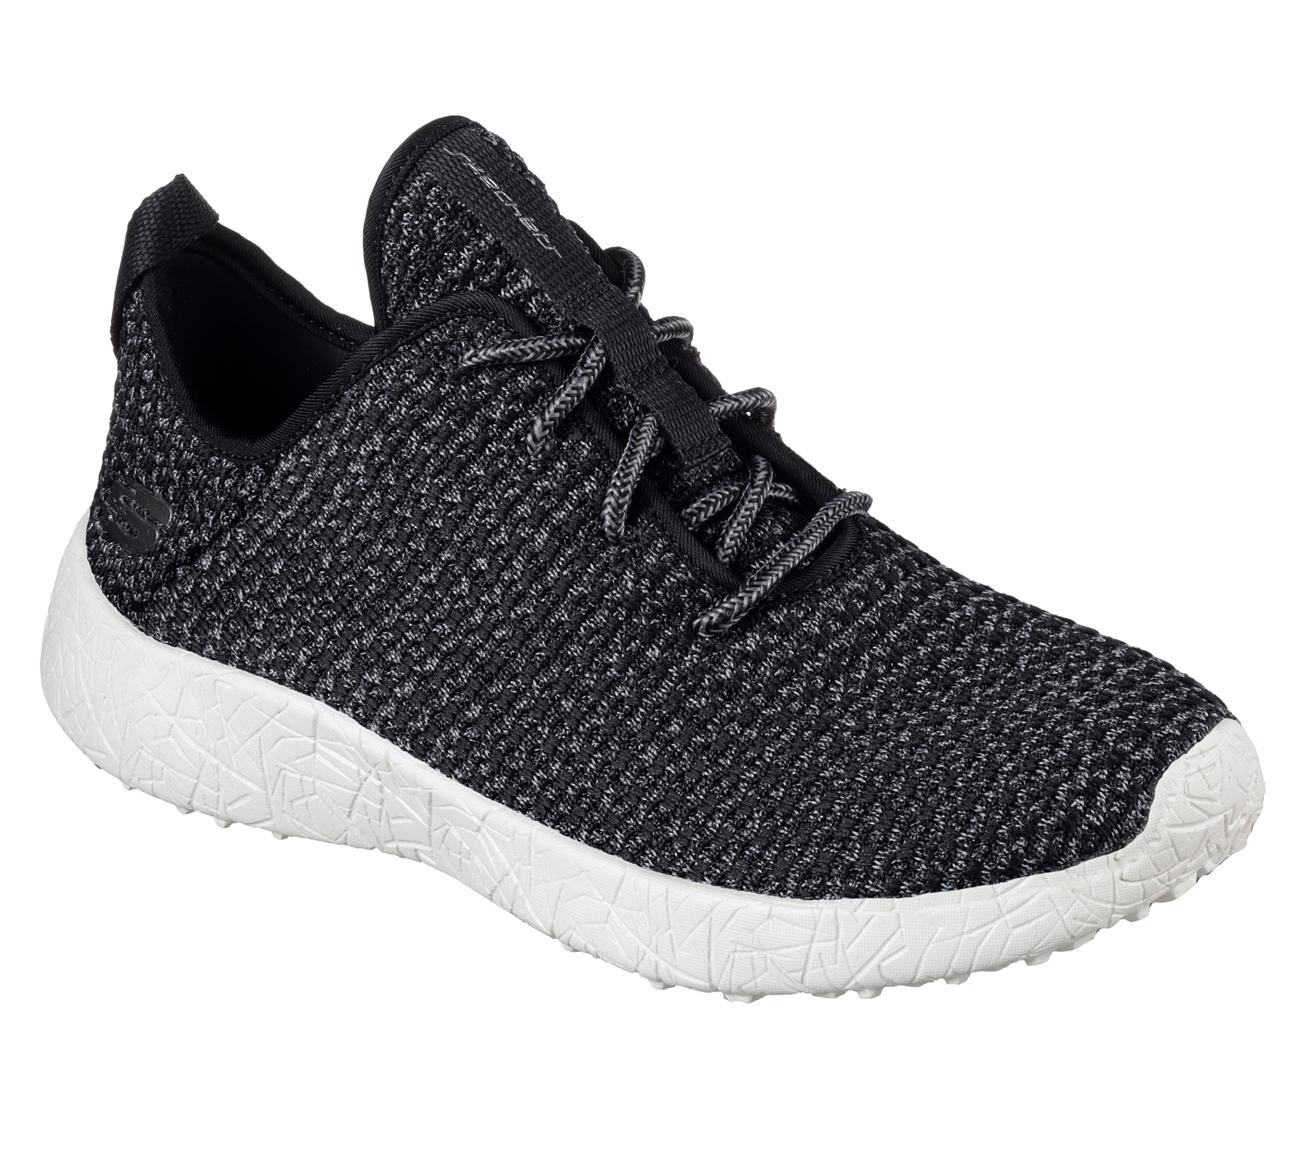 Bkw Black Burst Skechers Shoe New Men Memory Foam